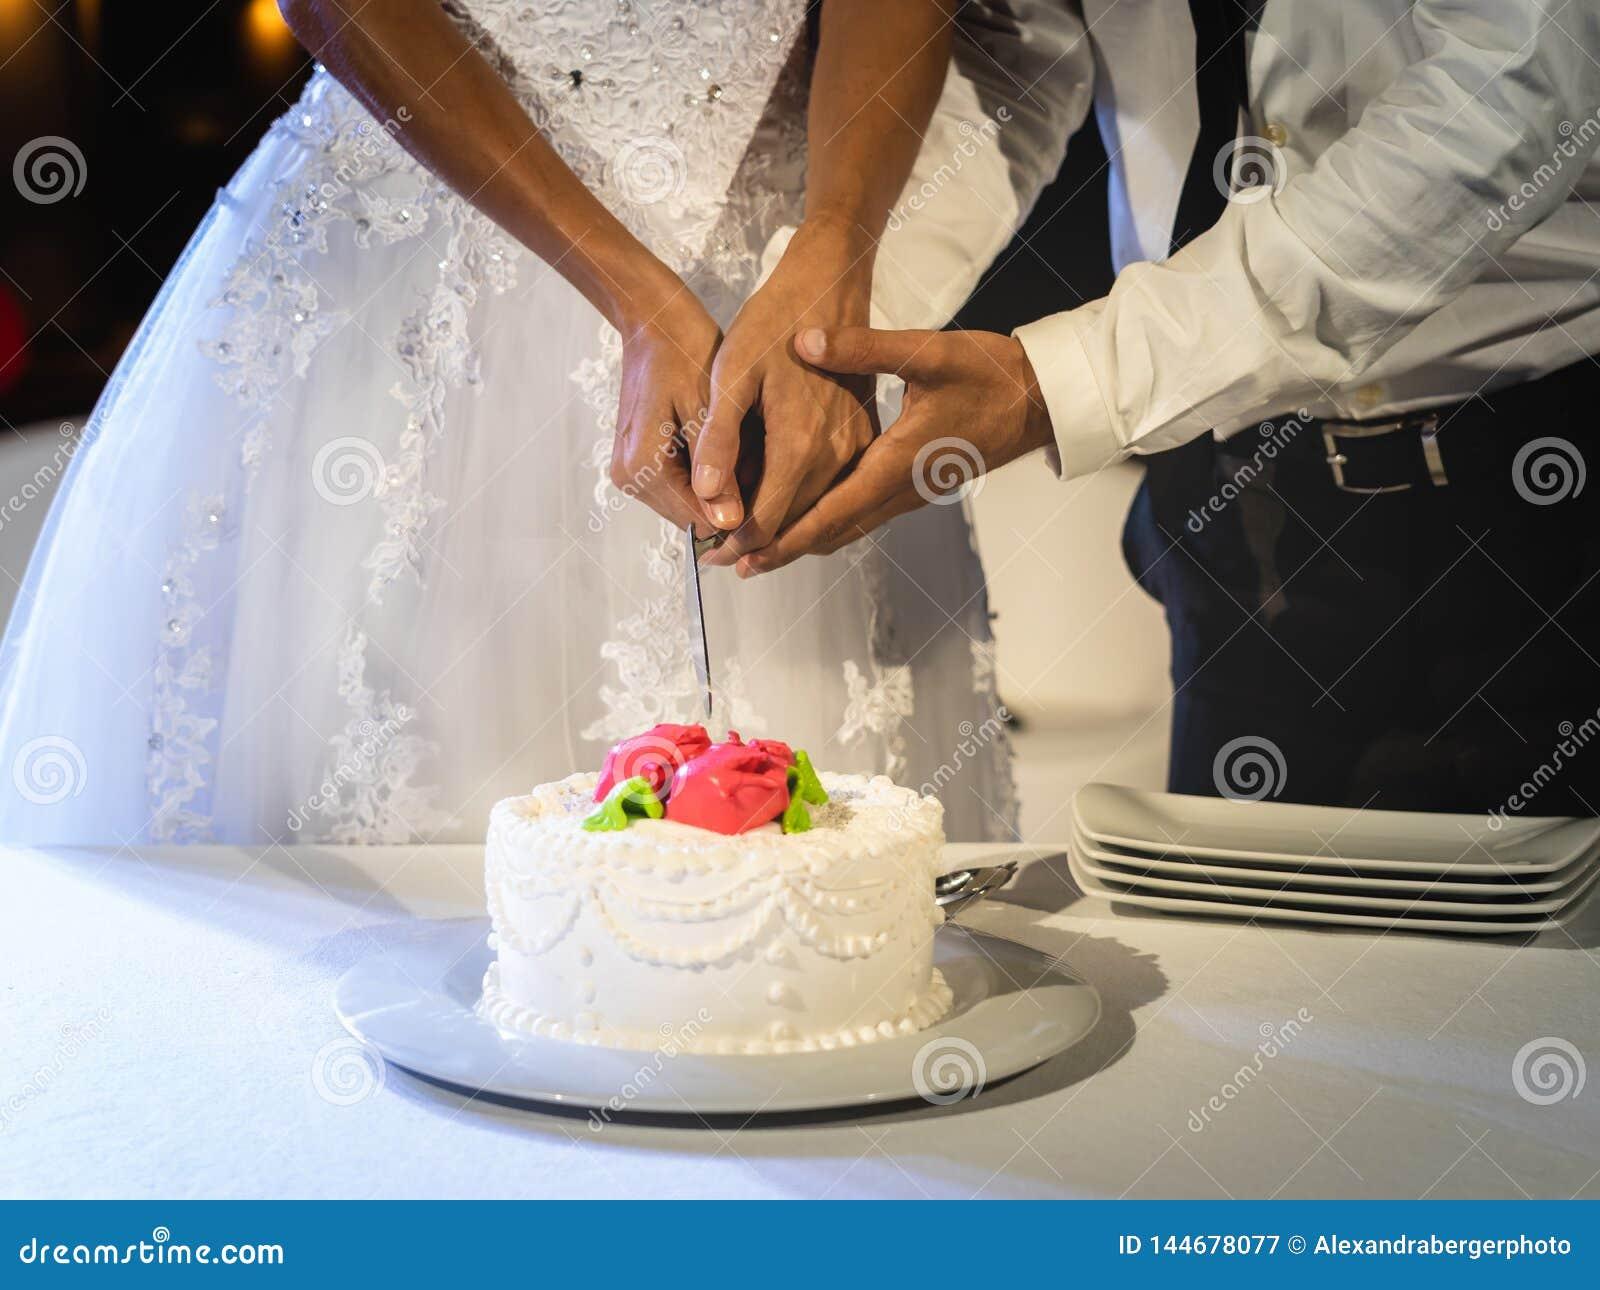 De bruid en de bruidegom snijden samen cake bij hun huwelijk